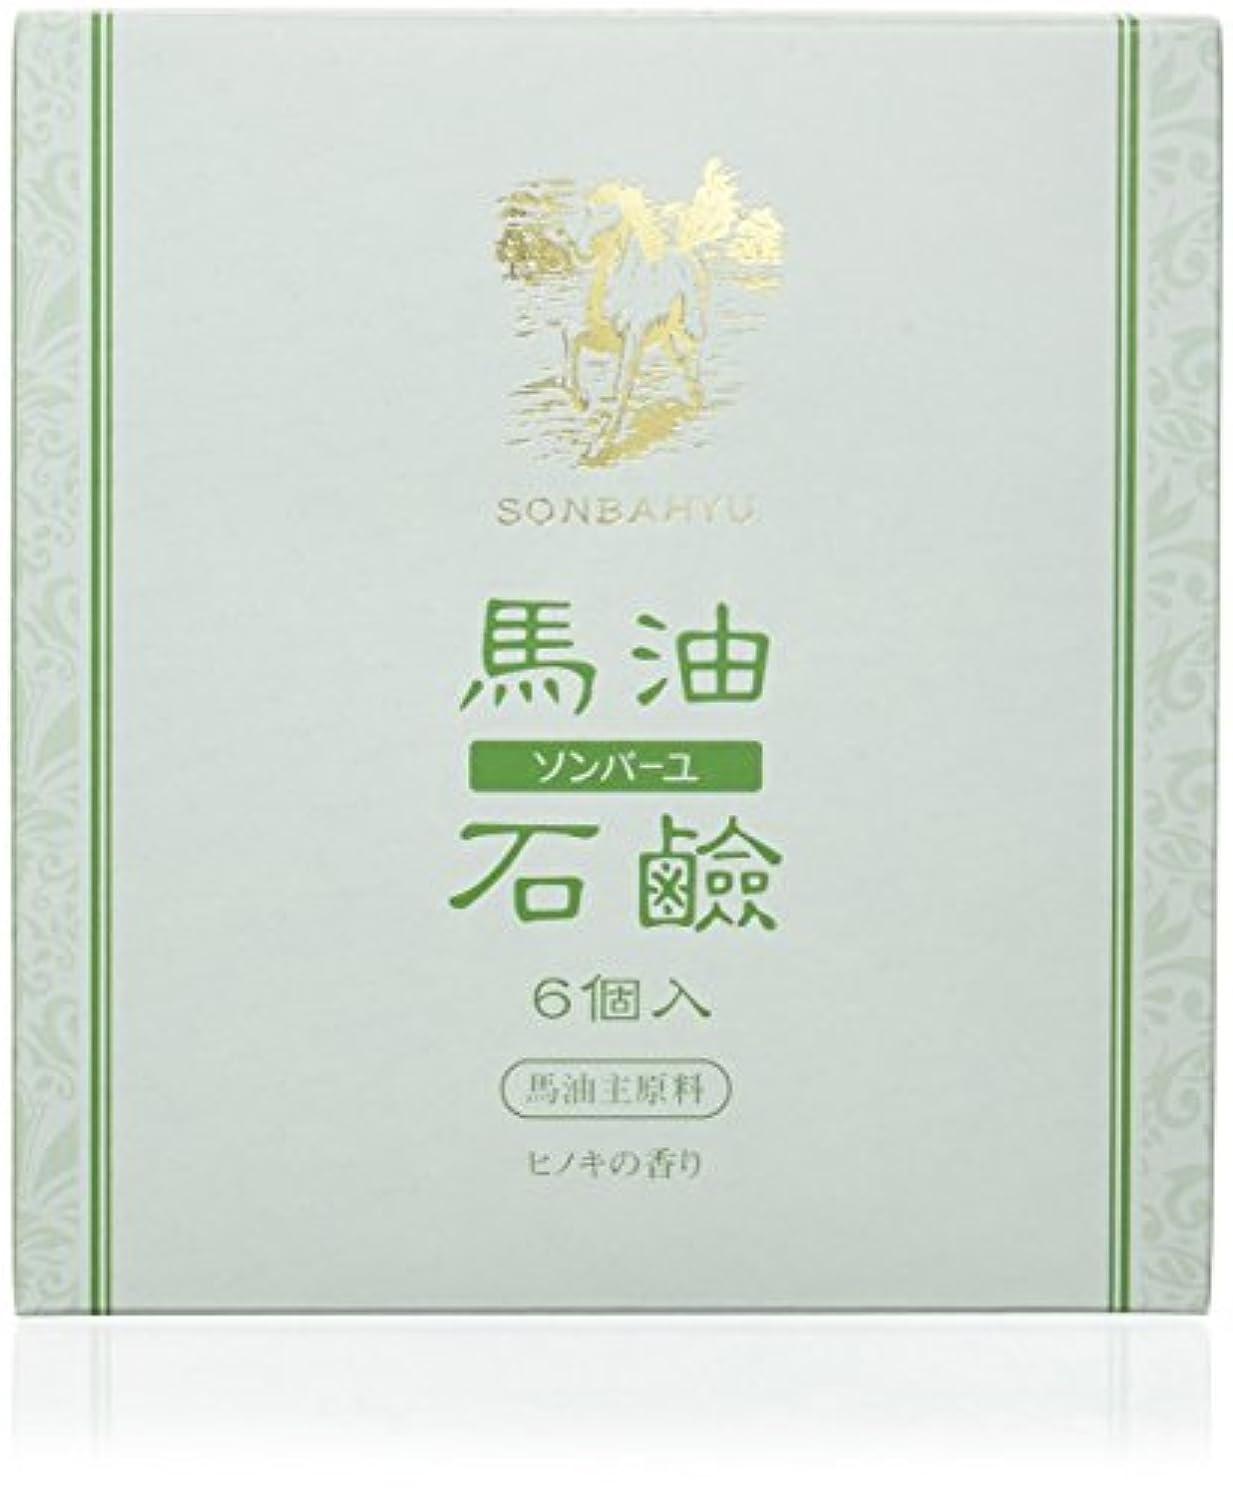 食器棚儀式ガチョウソンバーユ石鹸 85g×6個 ヒノキの香り